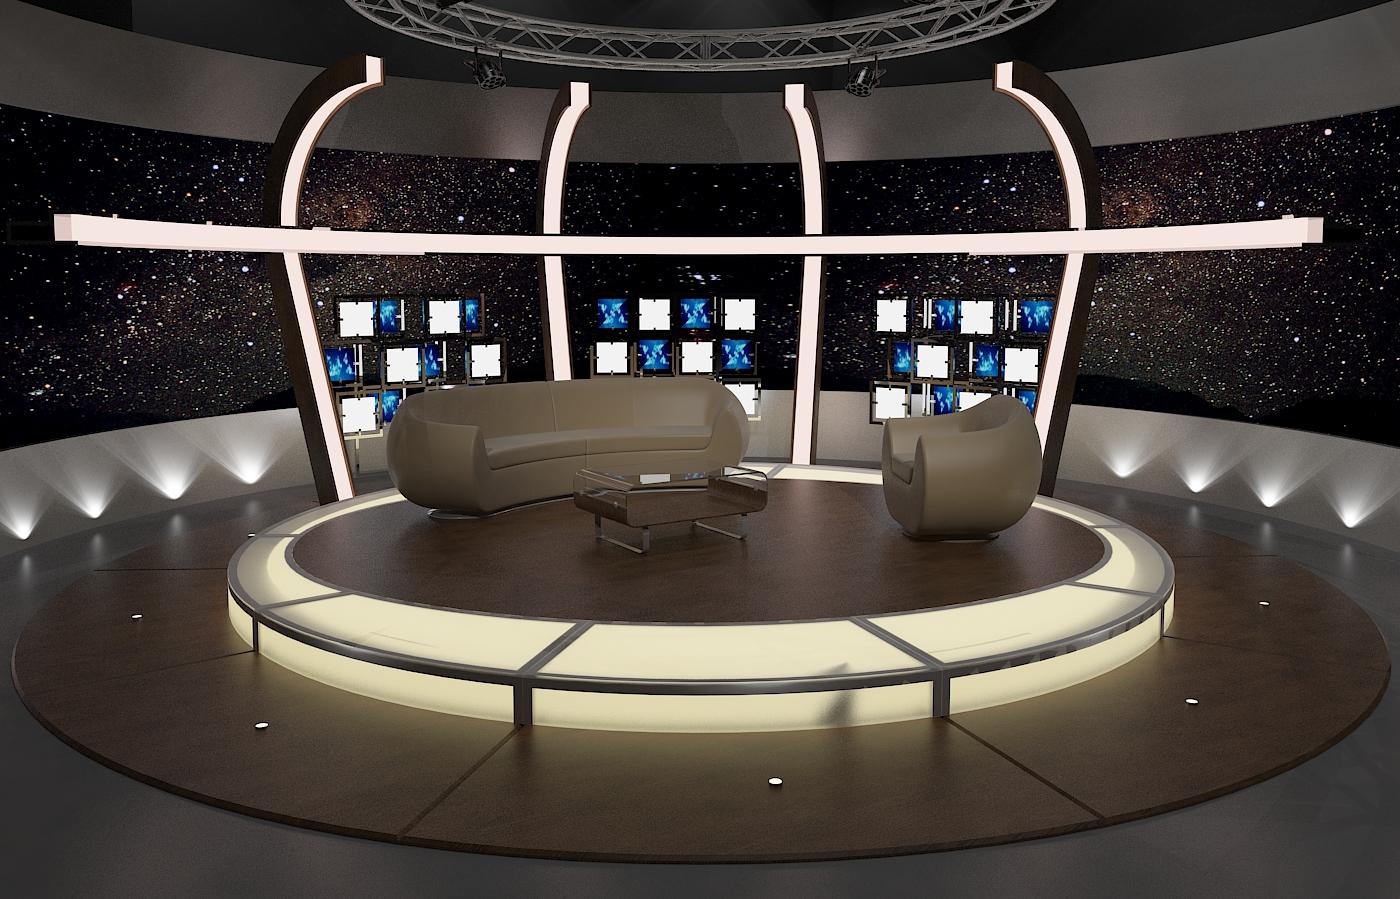 Виртуал ТВ чат 20 3d загвар max dxf fbx obj 207158-ийг тохируулж байна